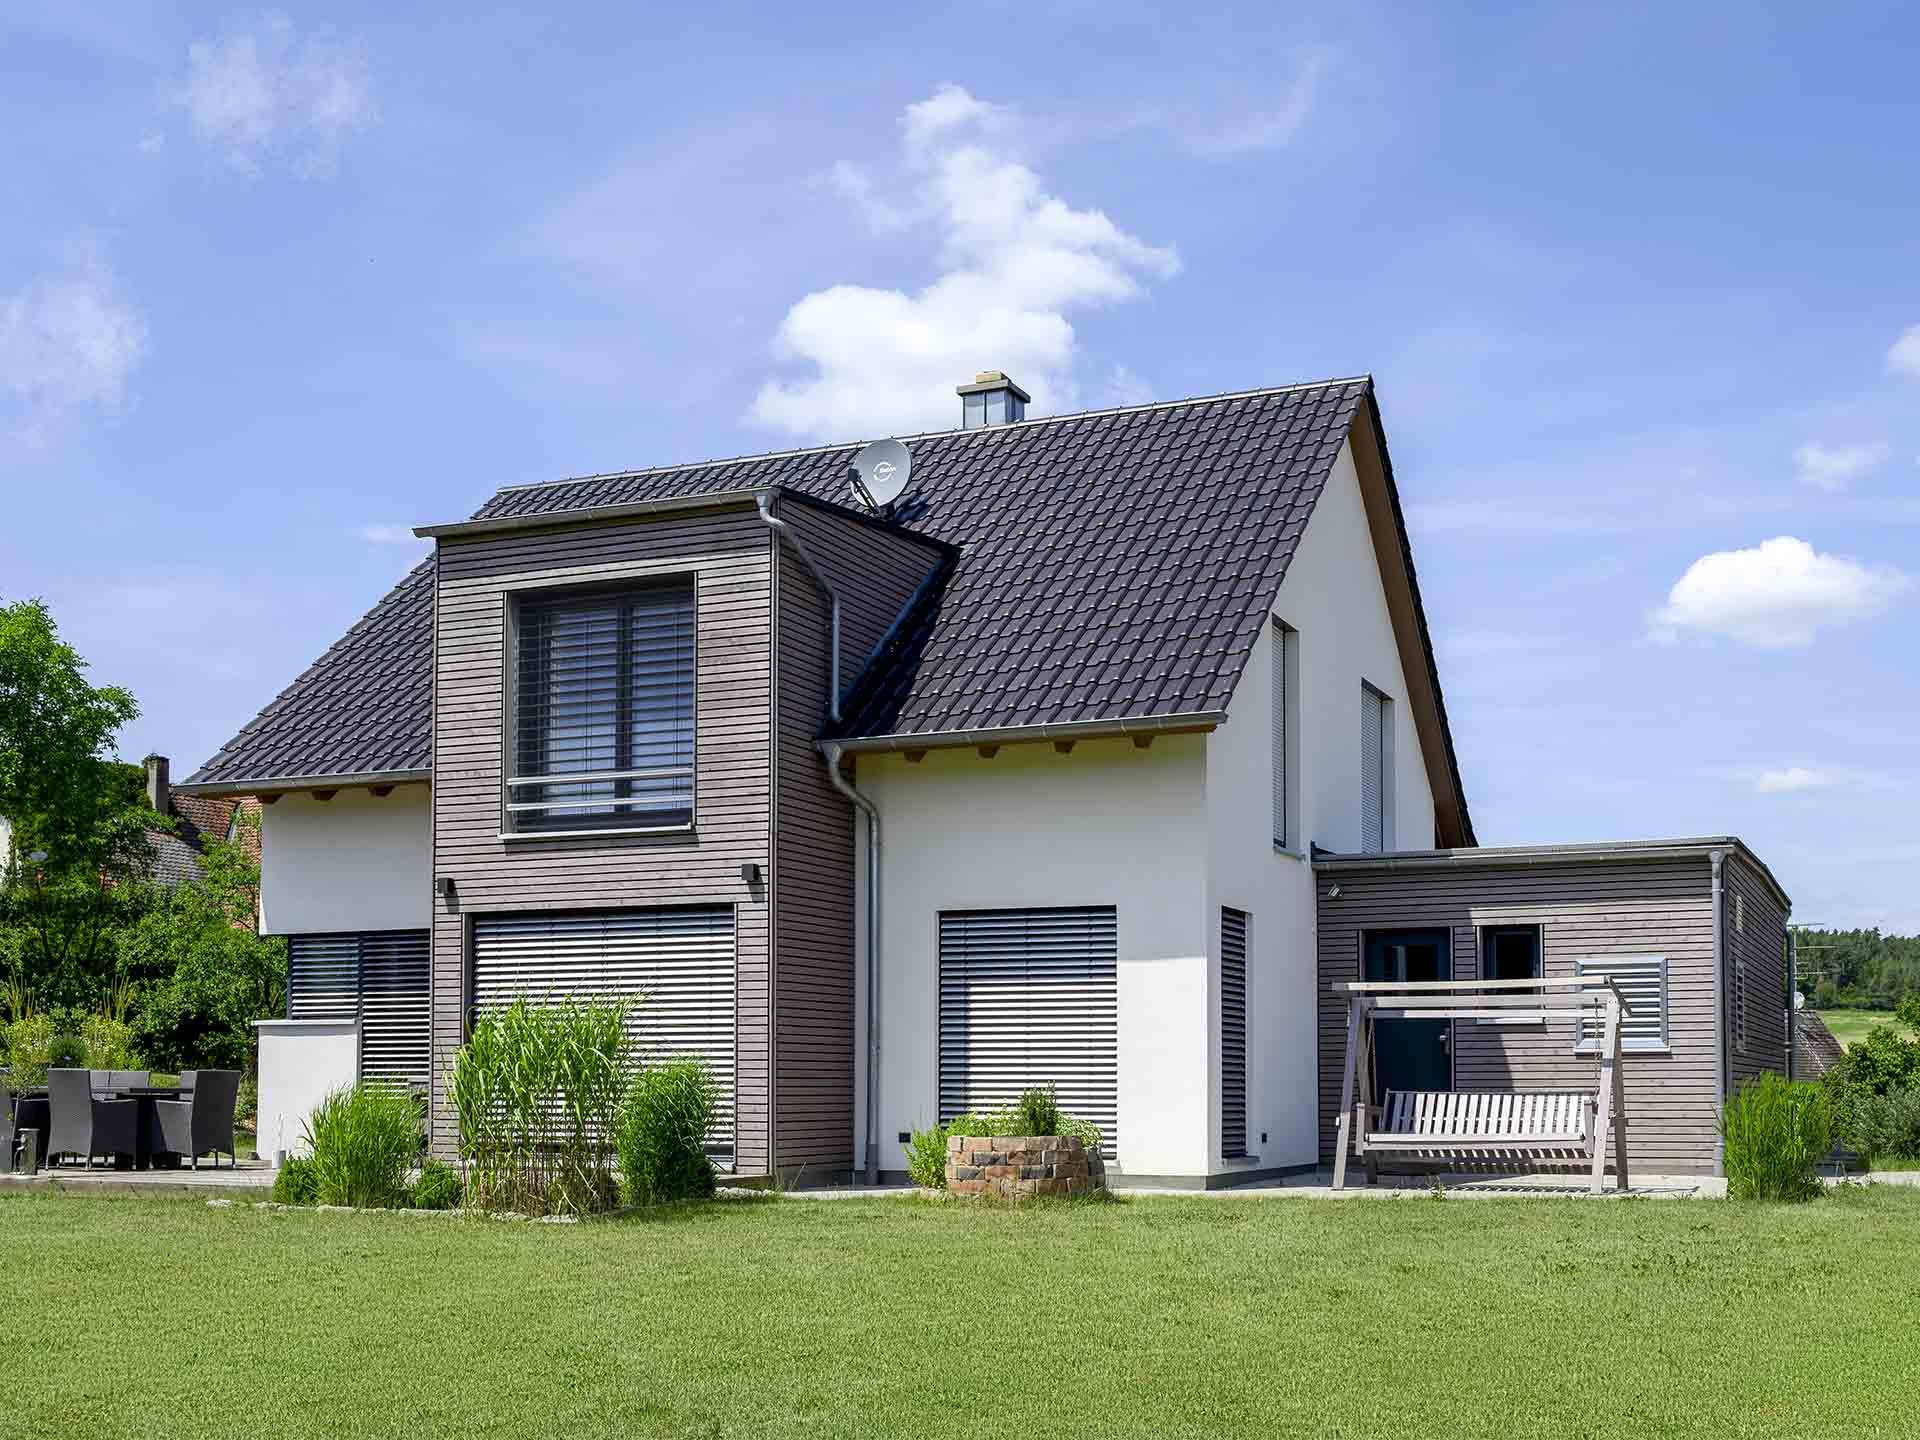 Ziegler-Haus klassisches Einfamilienhaus